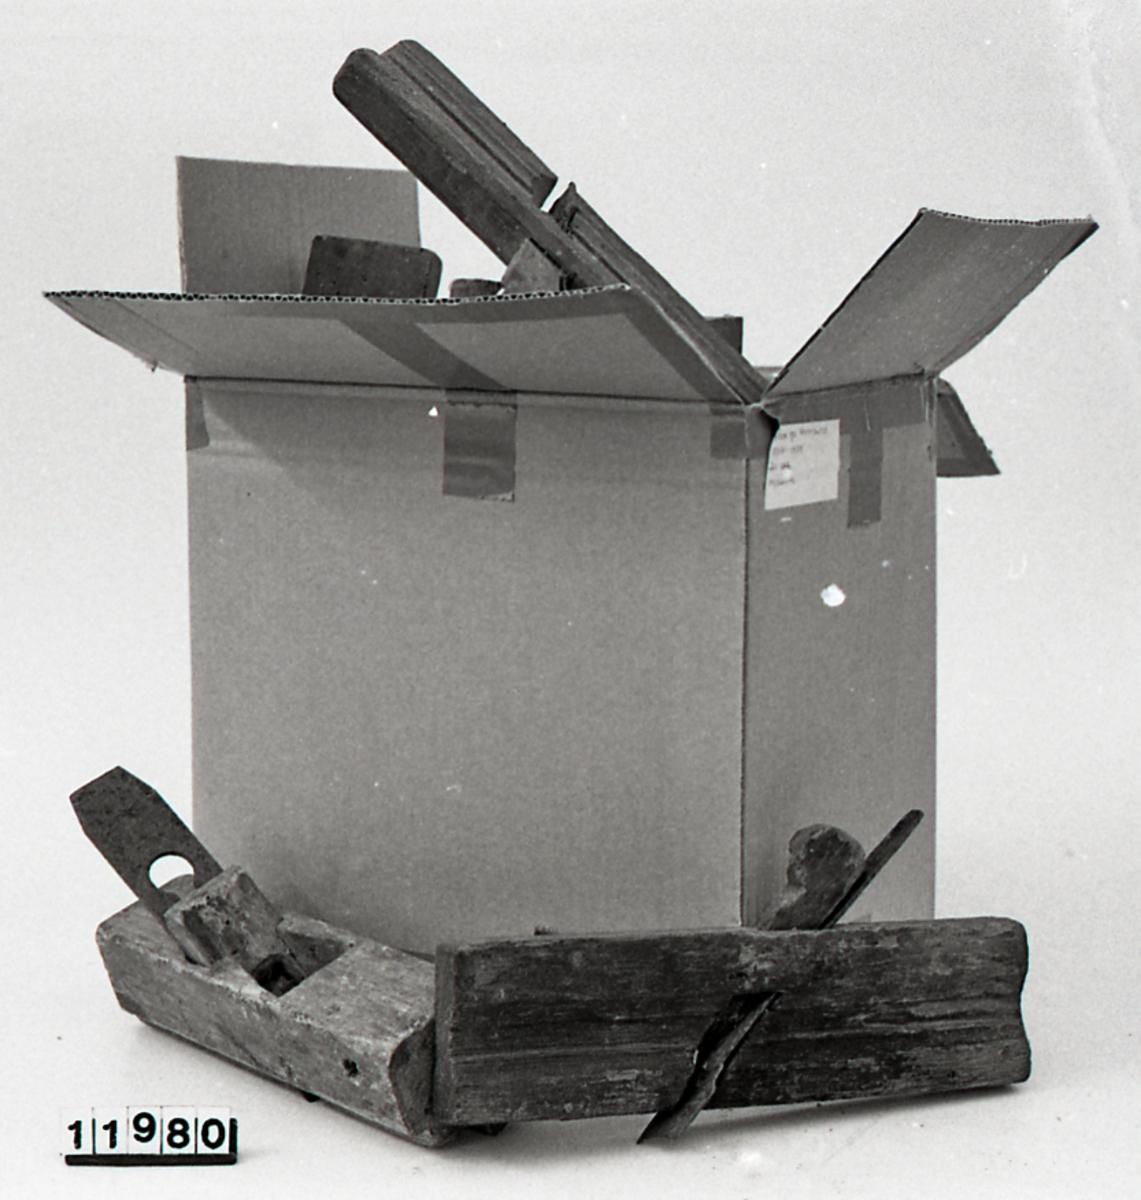 Teknikk: Skåret. Smidd høveljern og klaff. Flat såle. Knekten er plassert på høvelstokkens høyre side, bakerst. Form: Rektangulær grunnflate, flat såle.